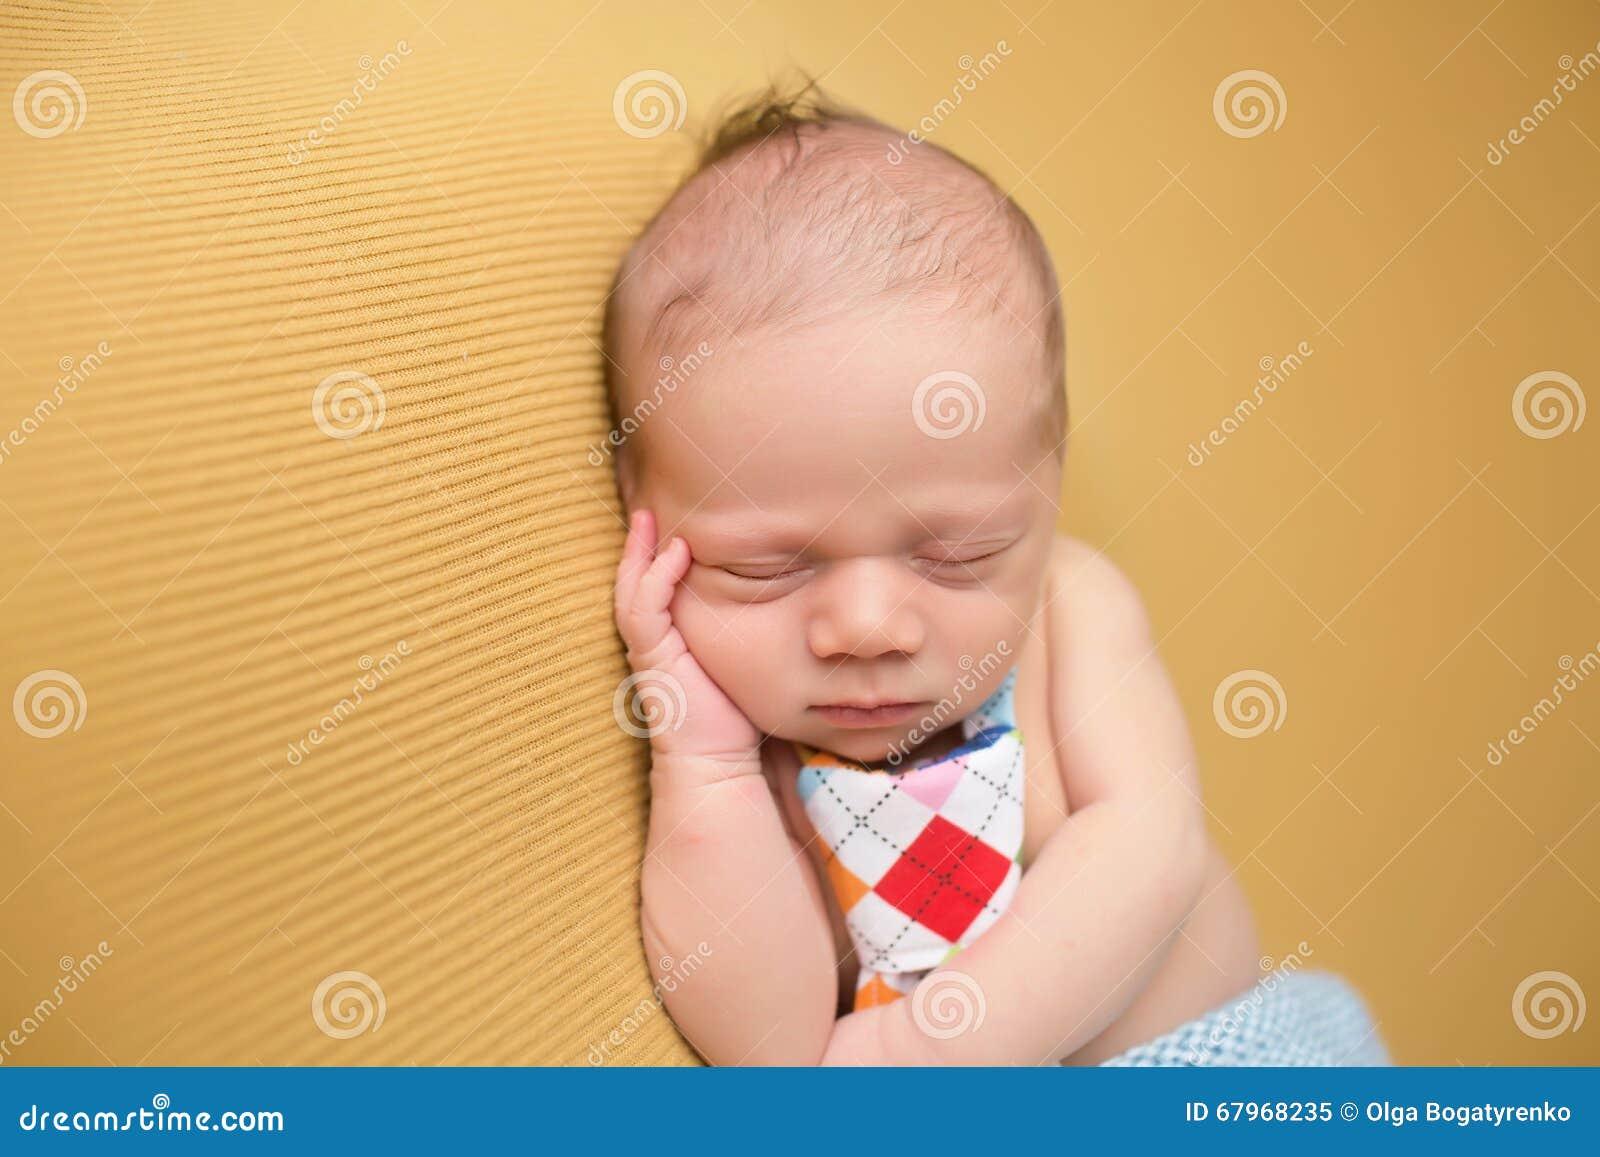 Νεογέννητος ύπνος μωρών στο κάλυμμα